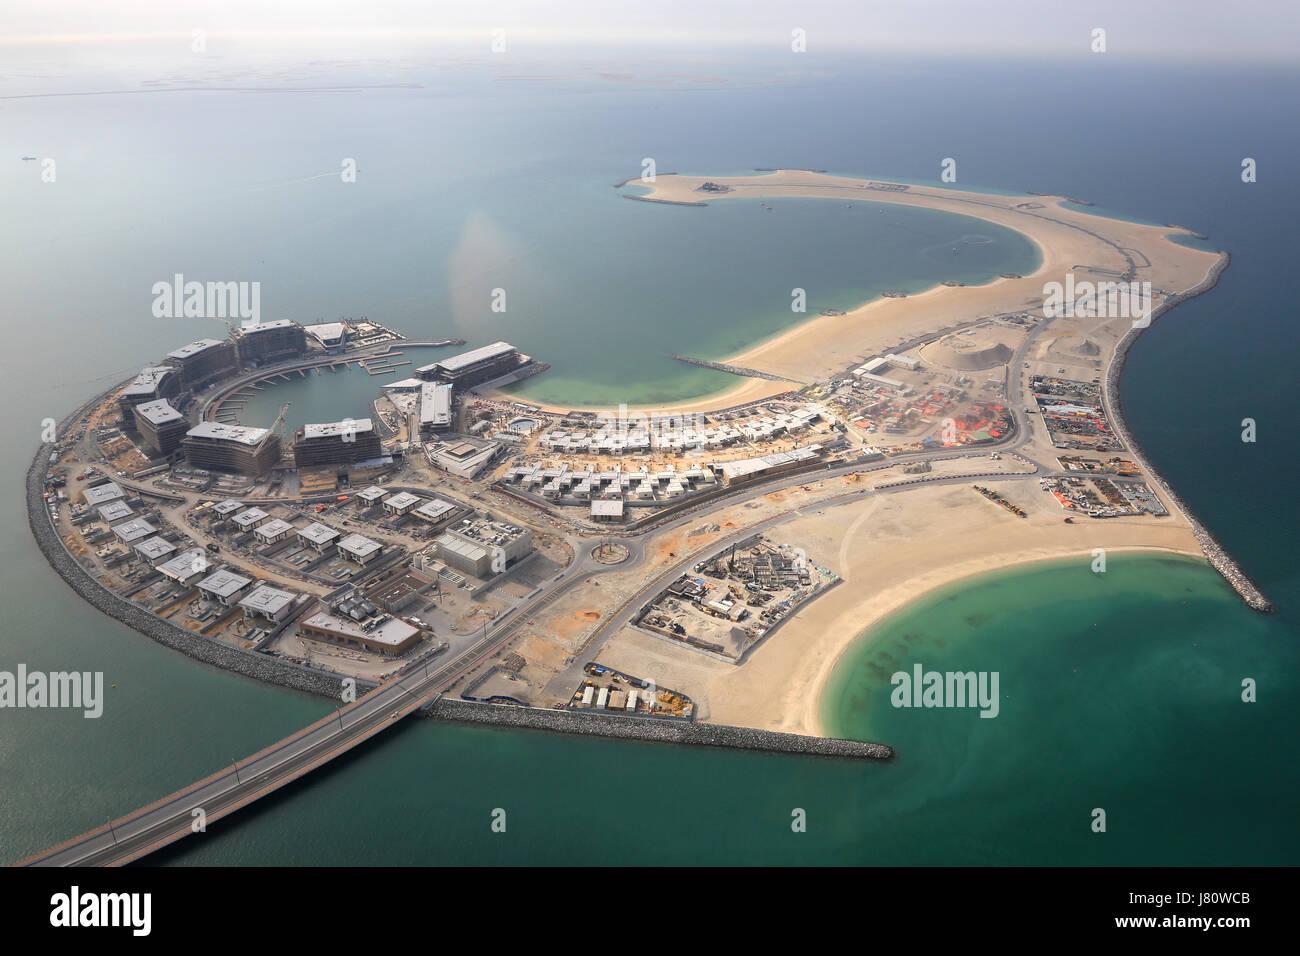 Dubai-Daria-Insel Luftbild Fotografie Vereinigte Arabische Emirate Stockbild